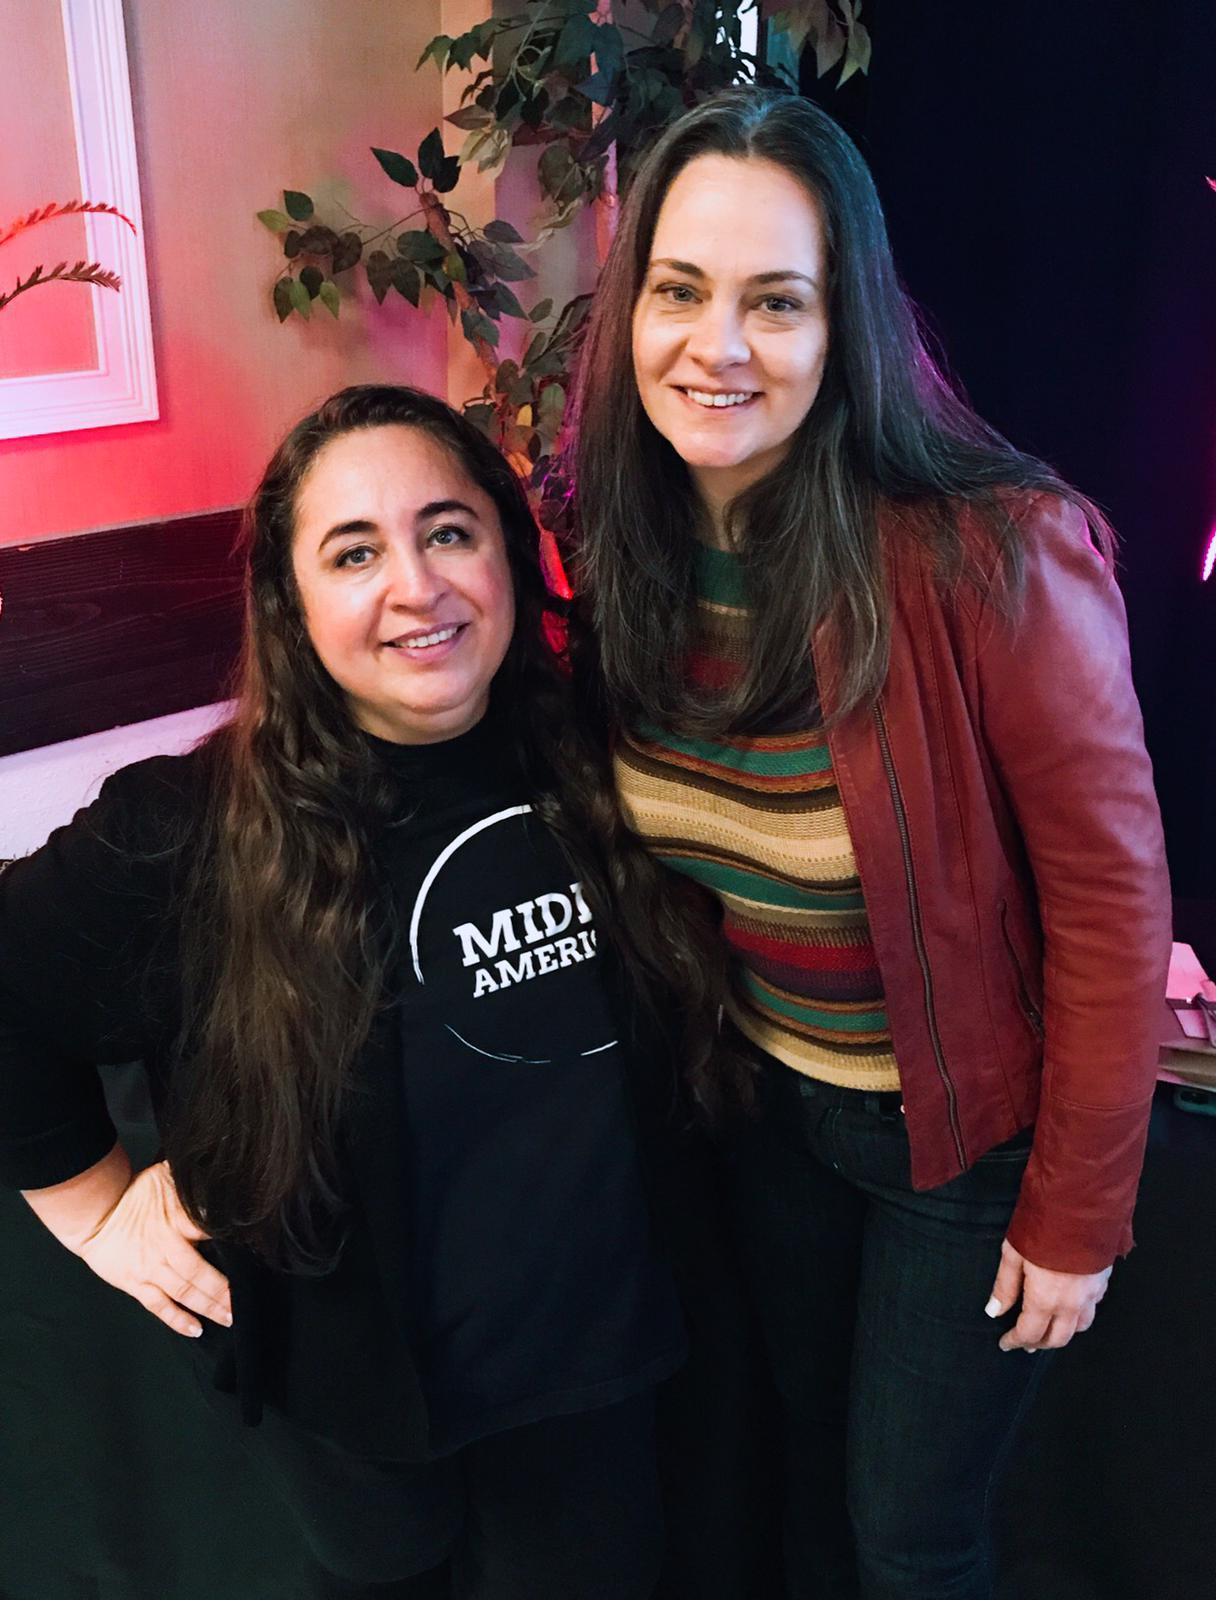 Sucesso do 'Workshop de Mídias Sociais a Iniciantes' tem apoio do 'Mídia América' e 'ANI'